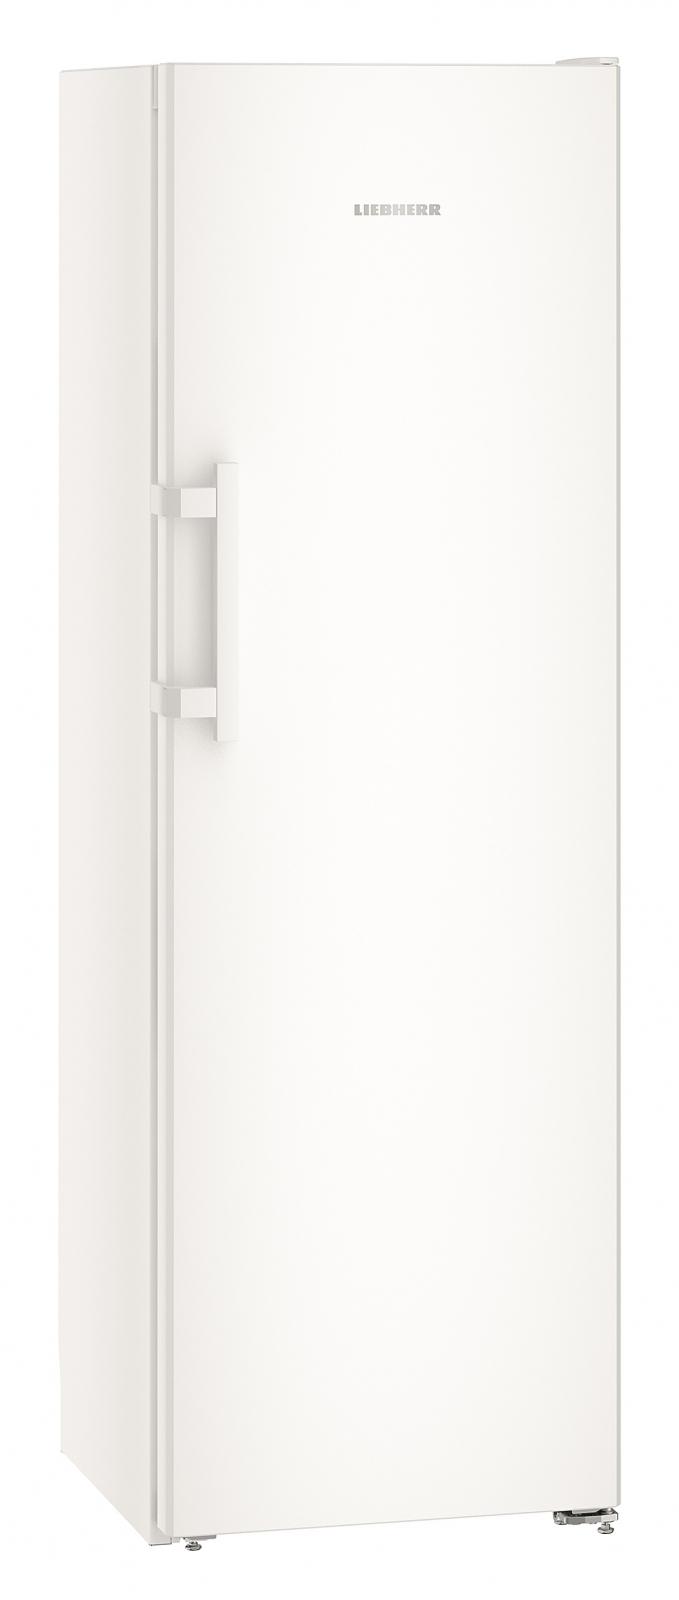 купить Однокамерный холодильник Liebherr SK 4260 Украина фото 2